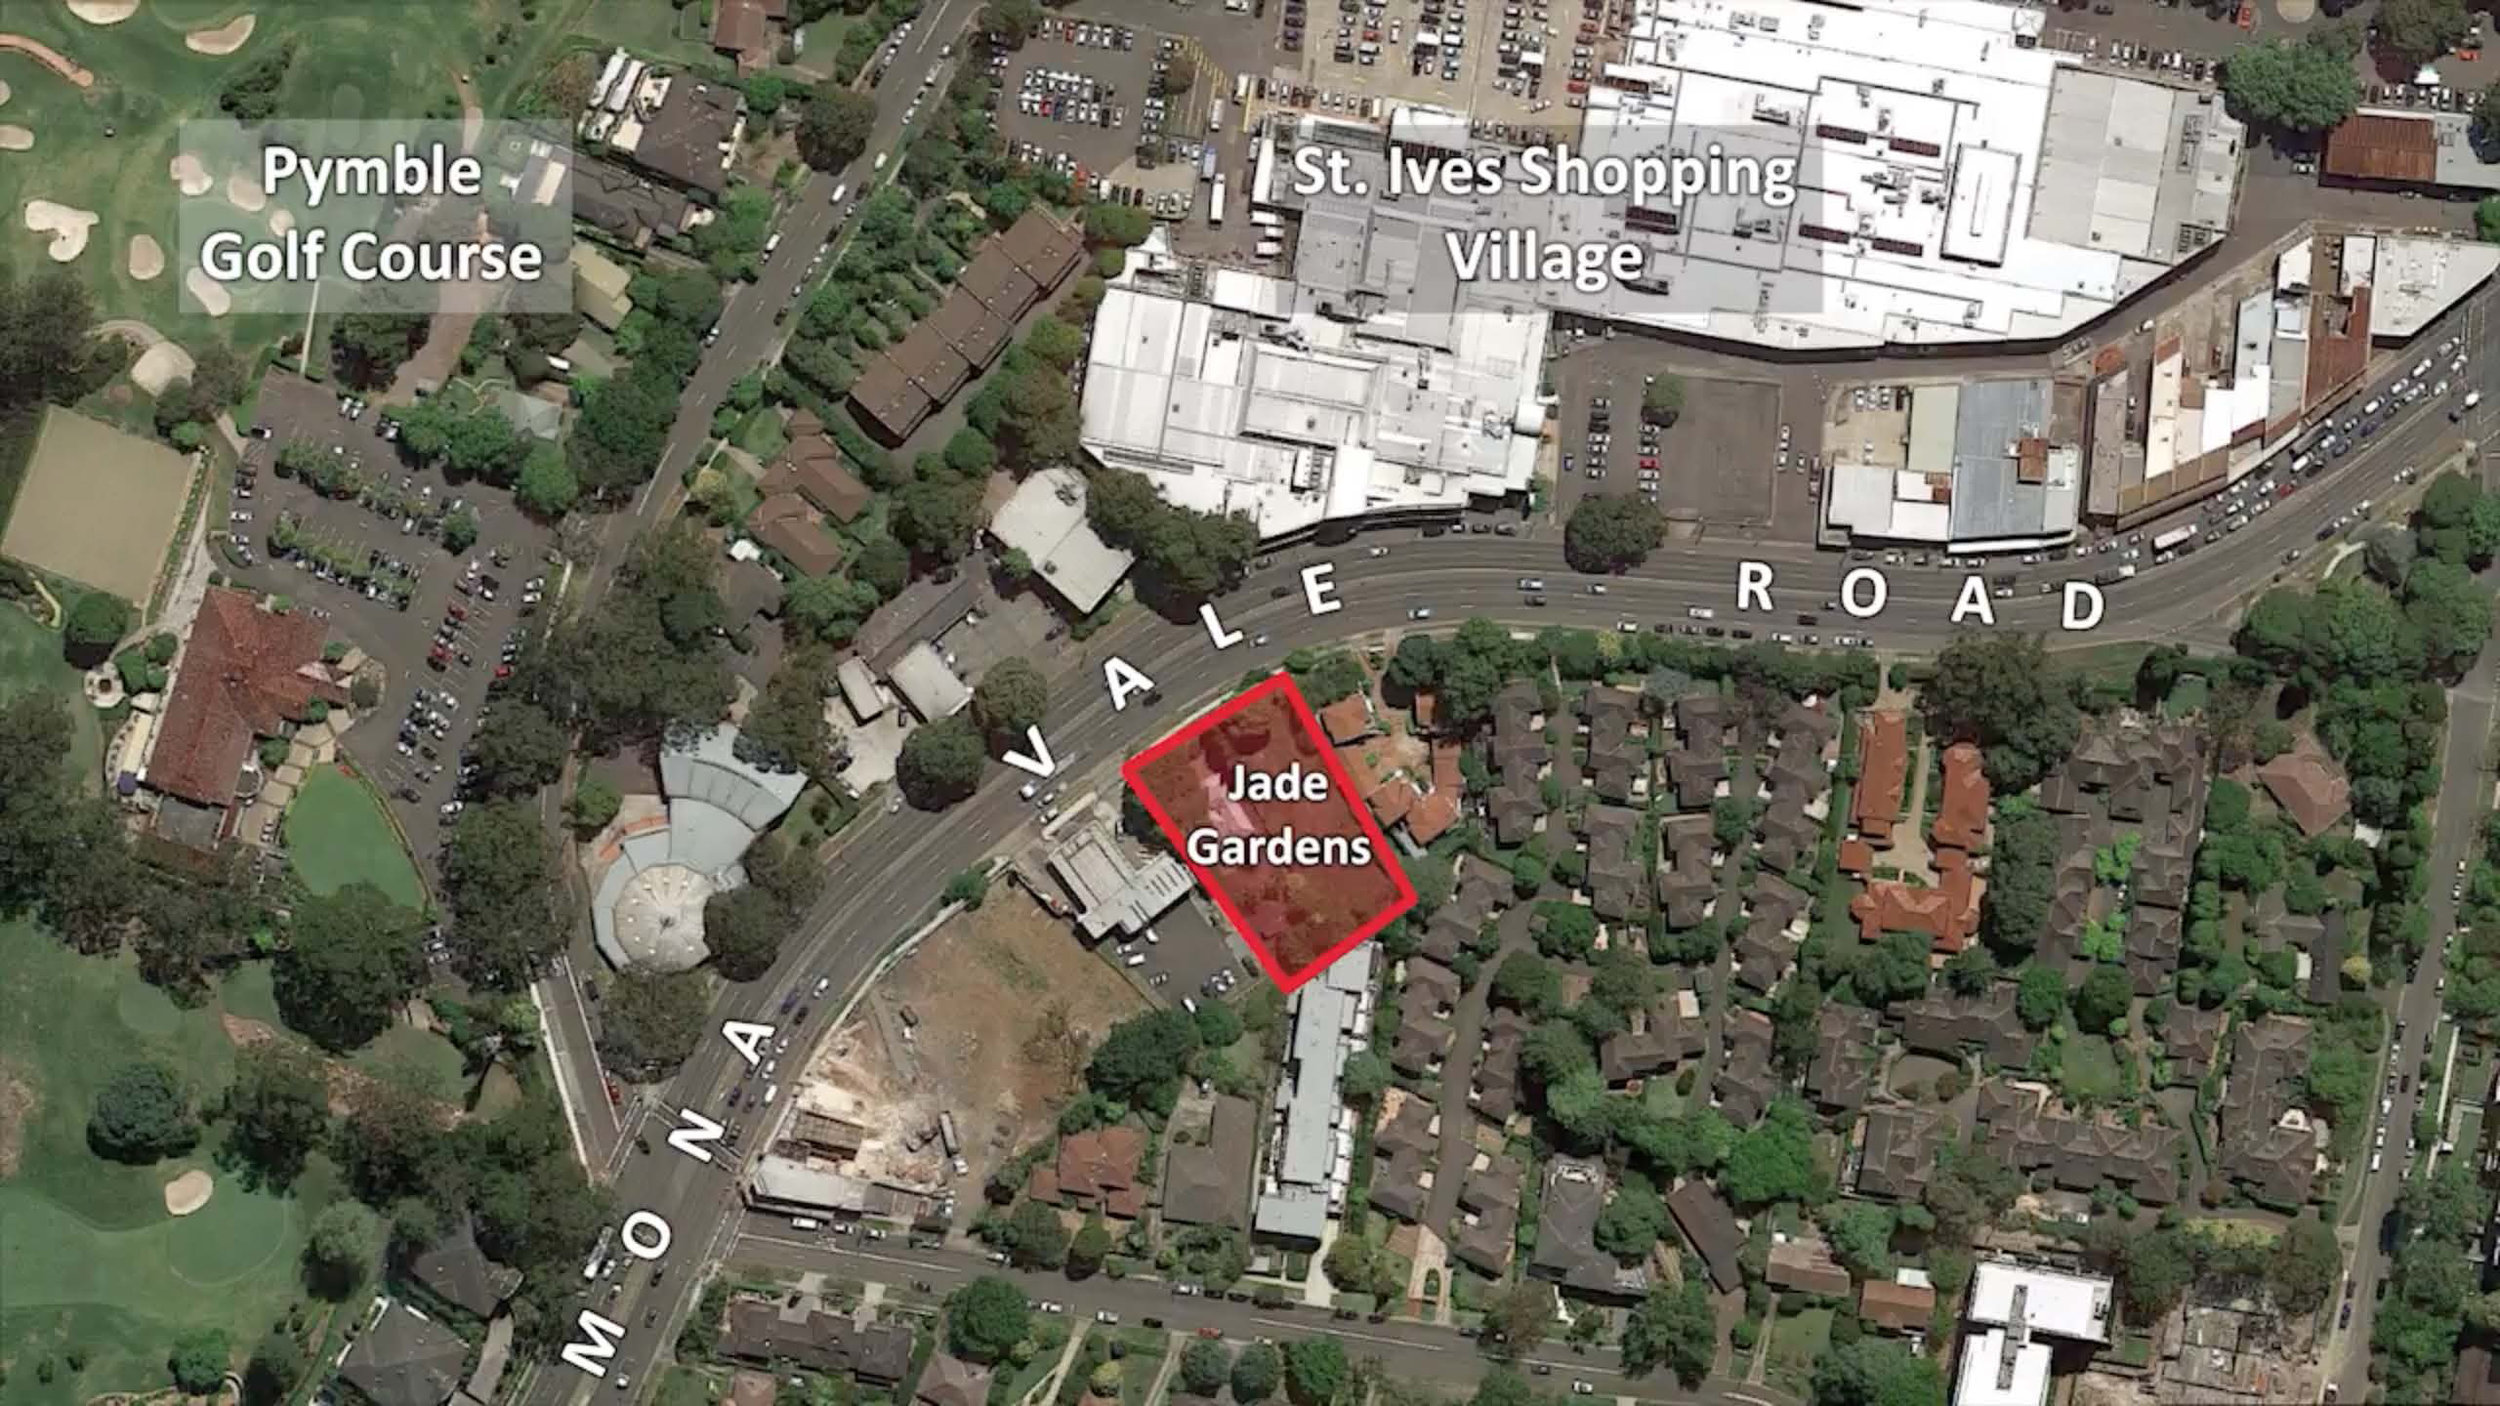 jade-gardens-location.jpg